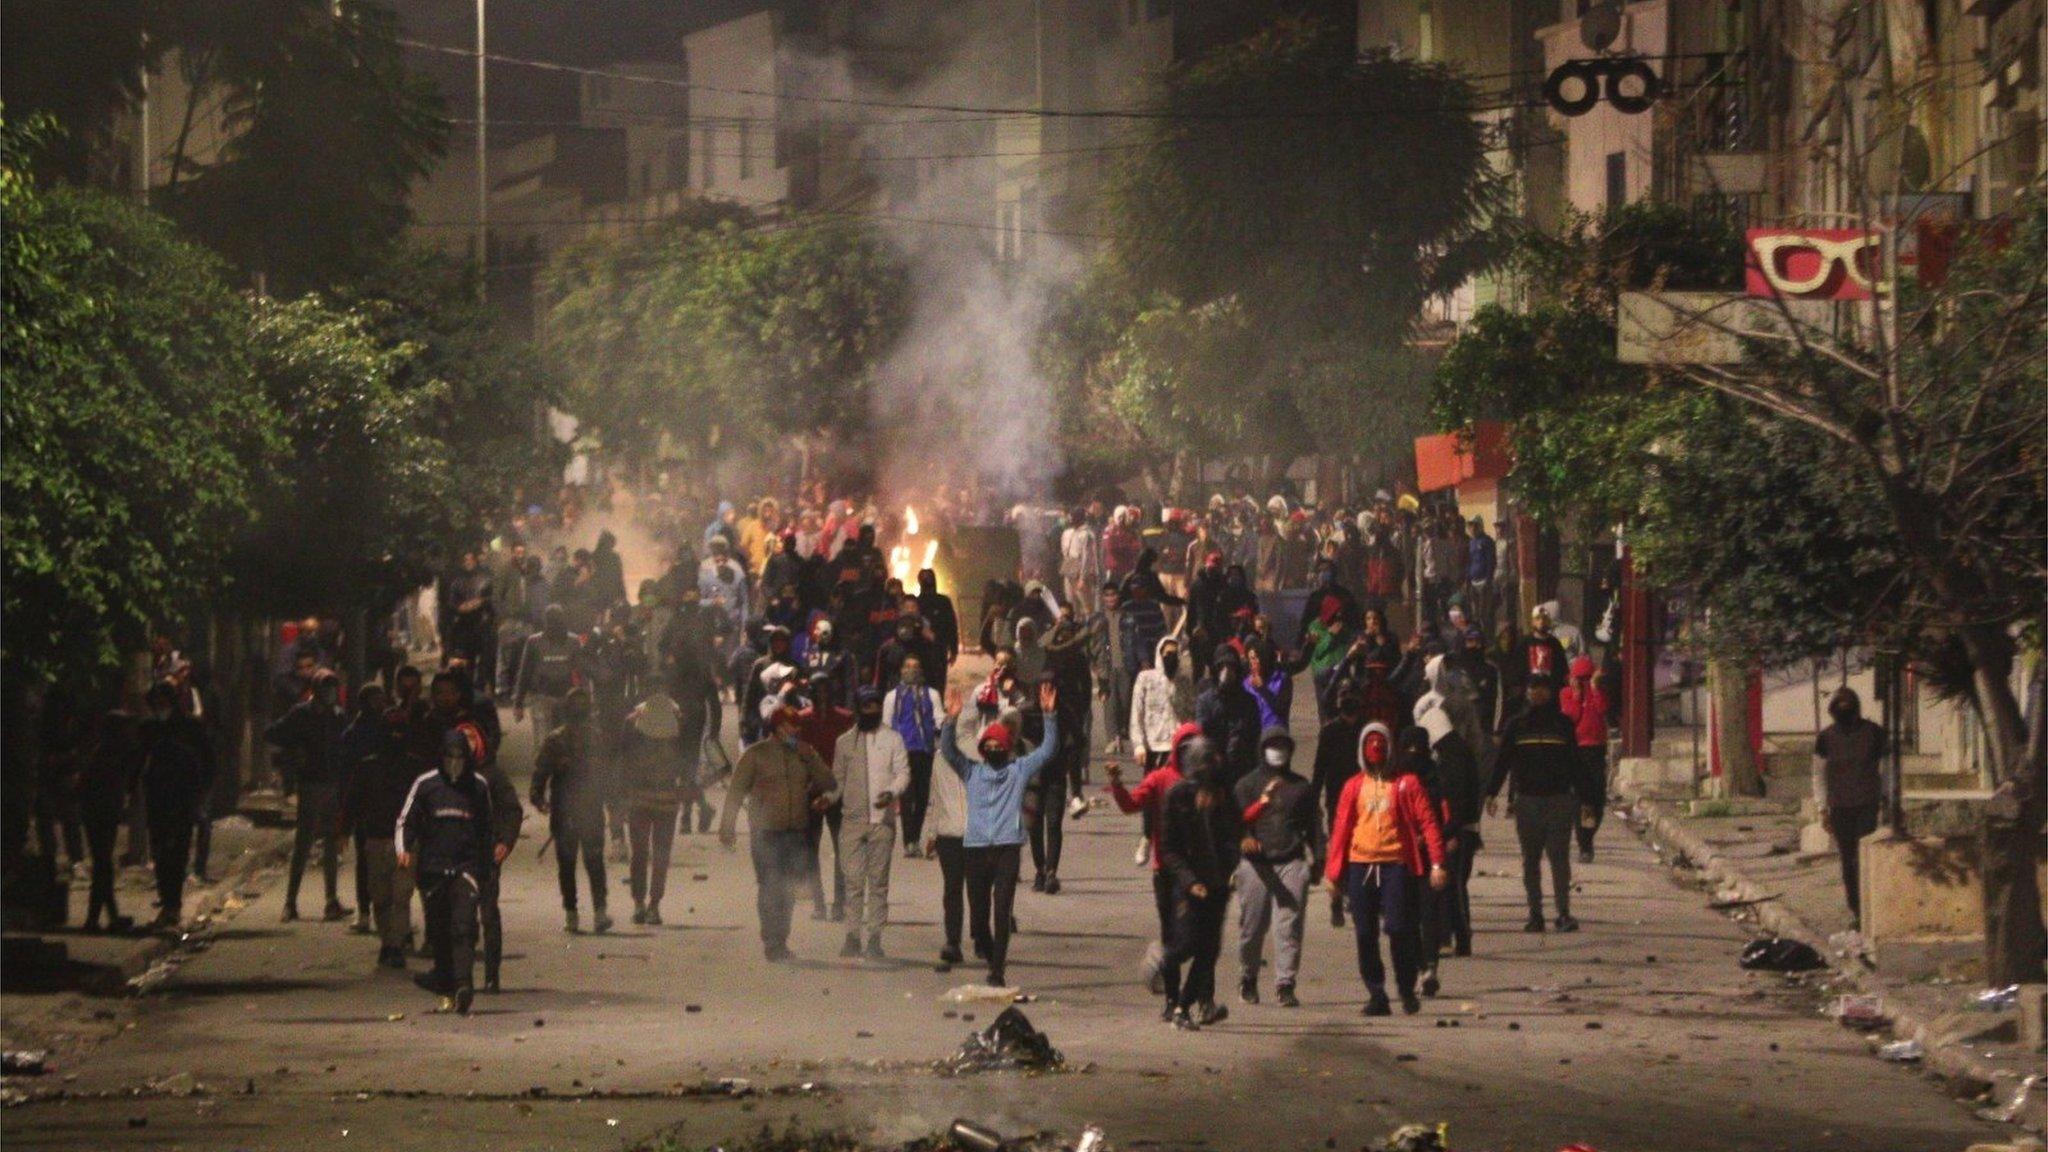 احتجاجات تونس: هل أقنعت خطابات حكومة المشيشي الشباب الغاضب؟ - BBC News عربي